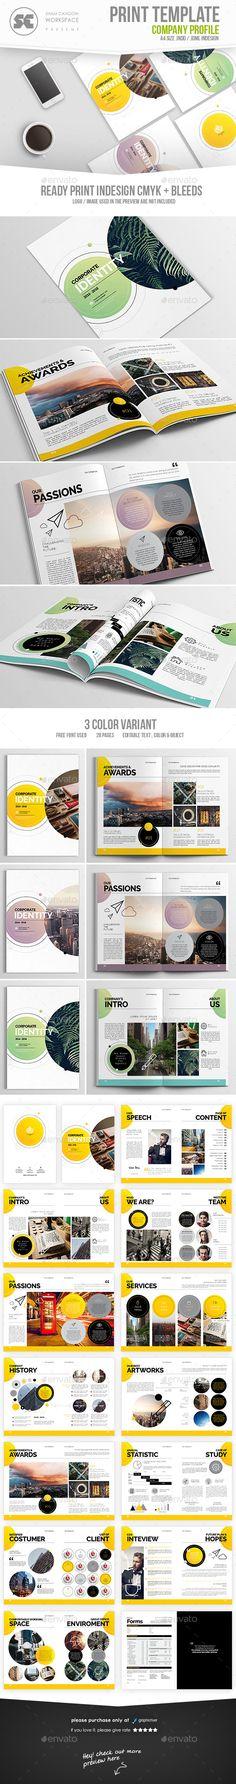 Company Profile | Company profile, Template and Corporate brochure